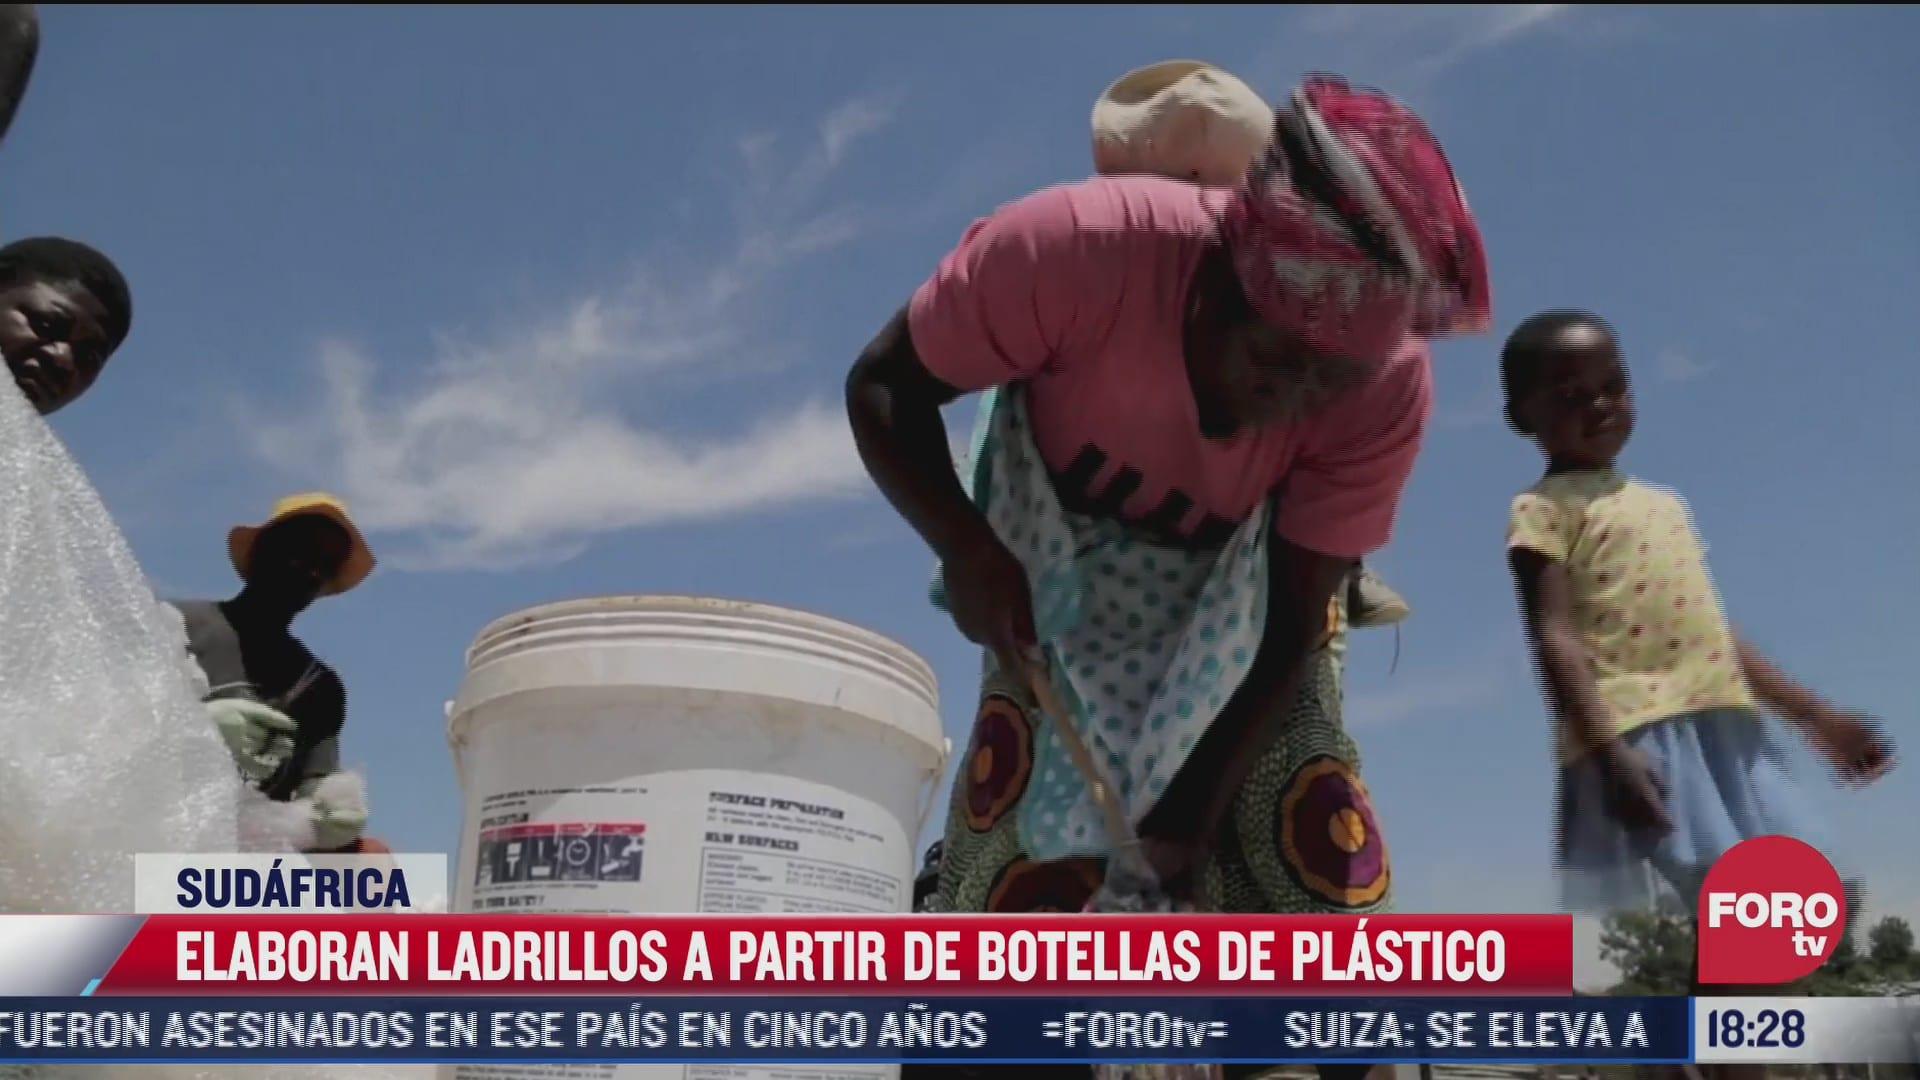 la basura es convertida en ladrillos en sudafrica